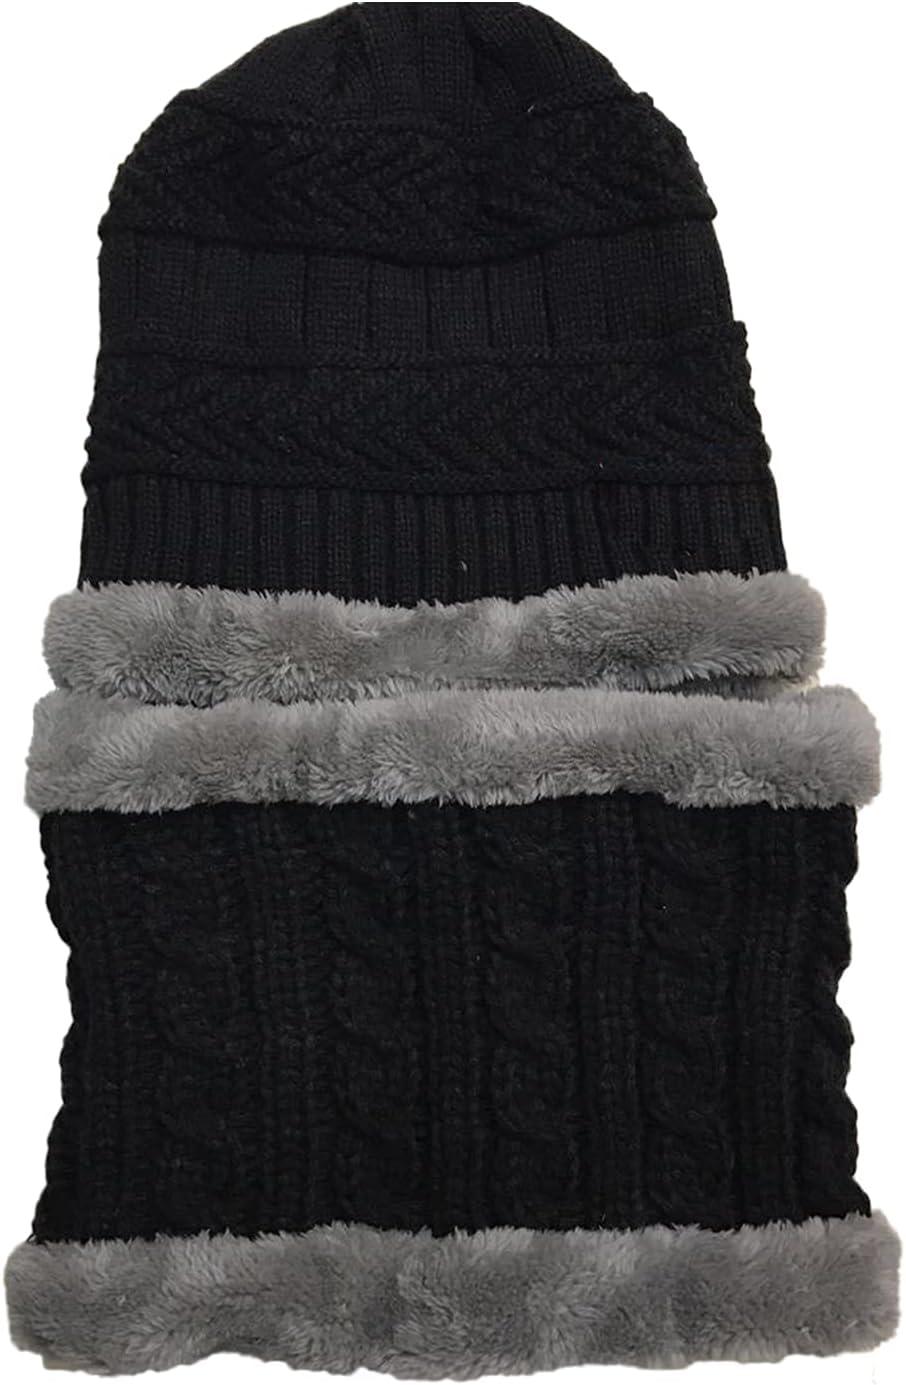 Warm Knitted Hat Scarf Set Thicken Fleece Lined Beanie Cap Neck Warmer Soft Hat Neck Gaiter for 2- 10 Years Old Children Toddler Girls Boys